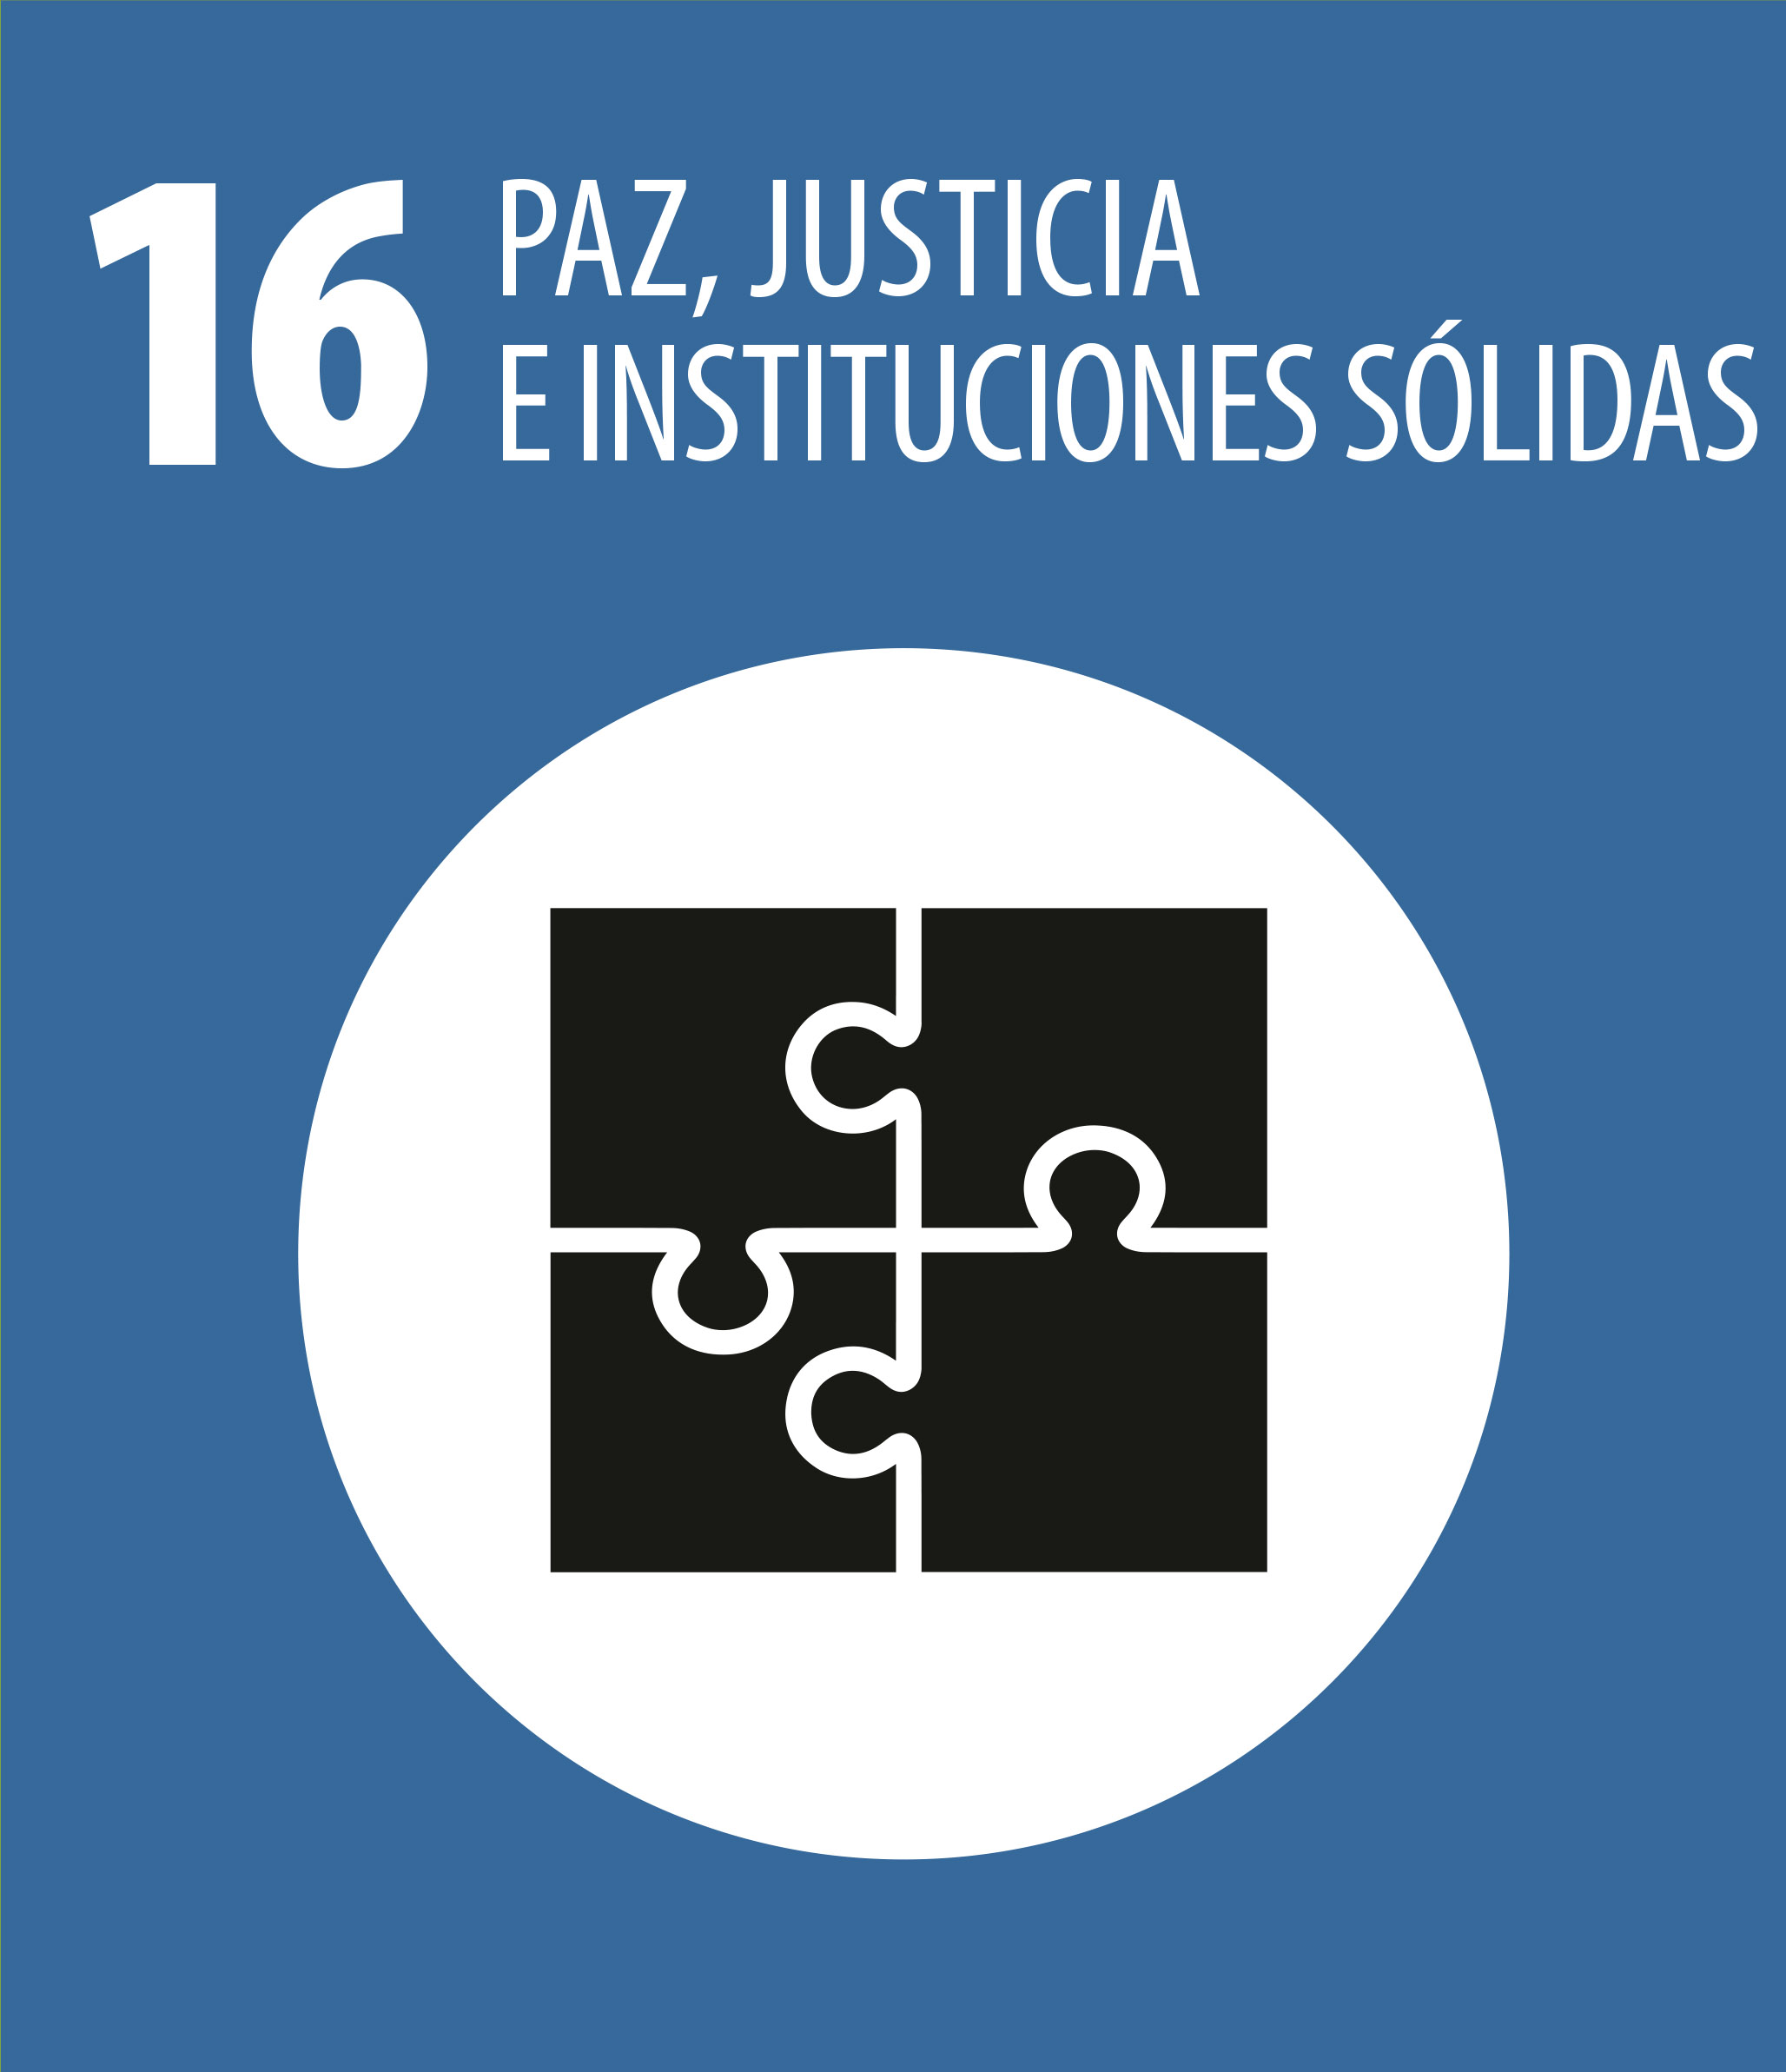 ODS 16 Paz justicia instituciones solidas